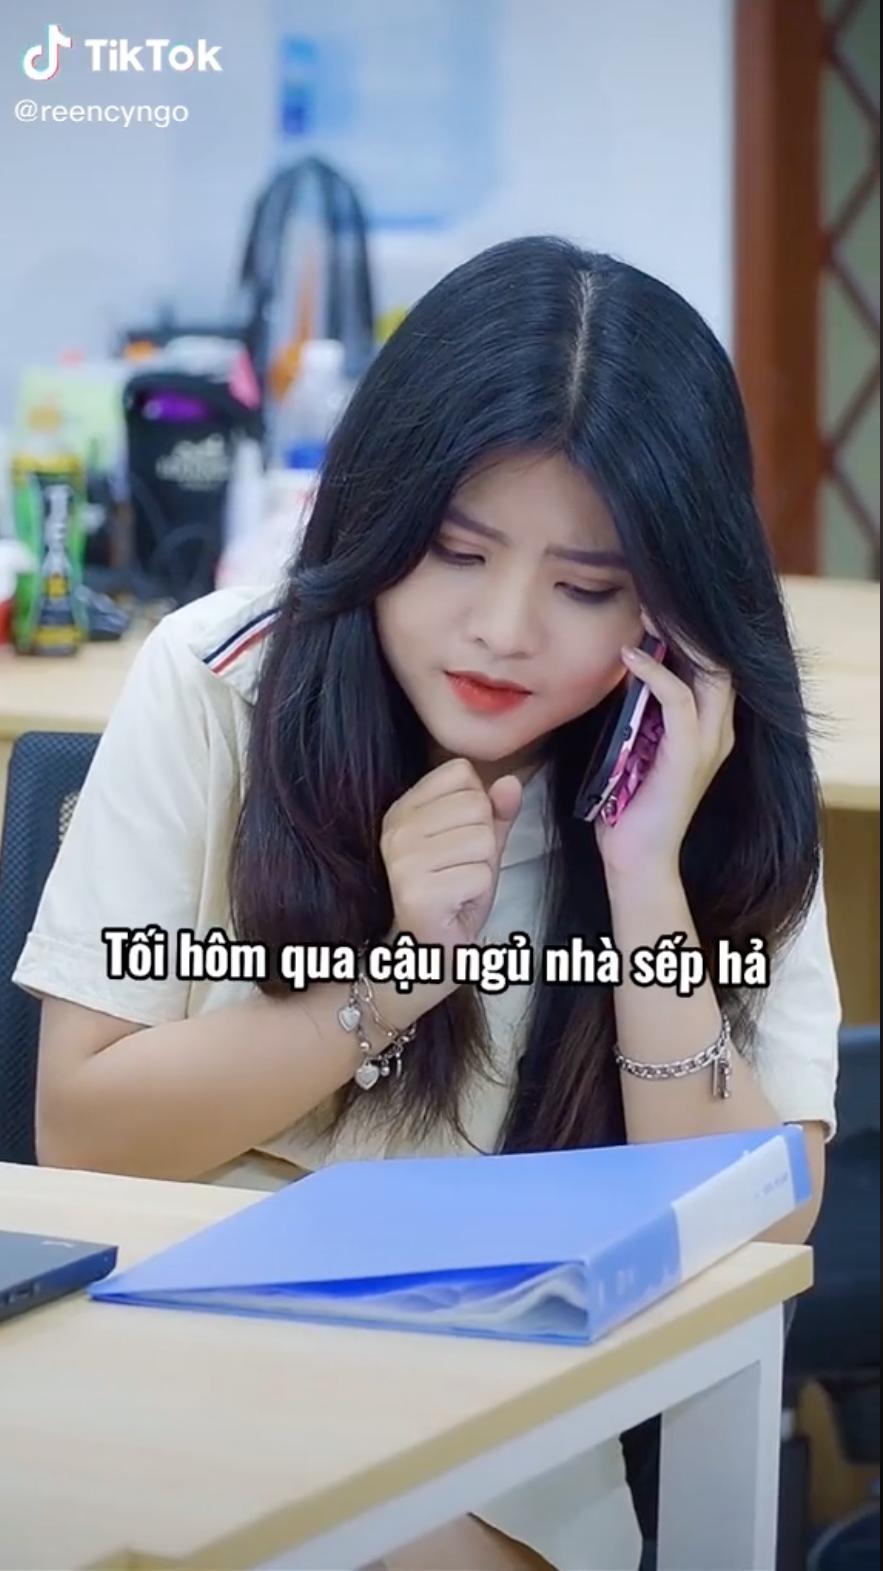 Top 30 Most Popular TikTok influencers in Vietnam in 2021 + reency ngo